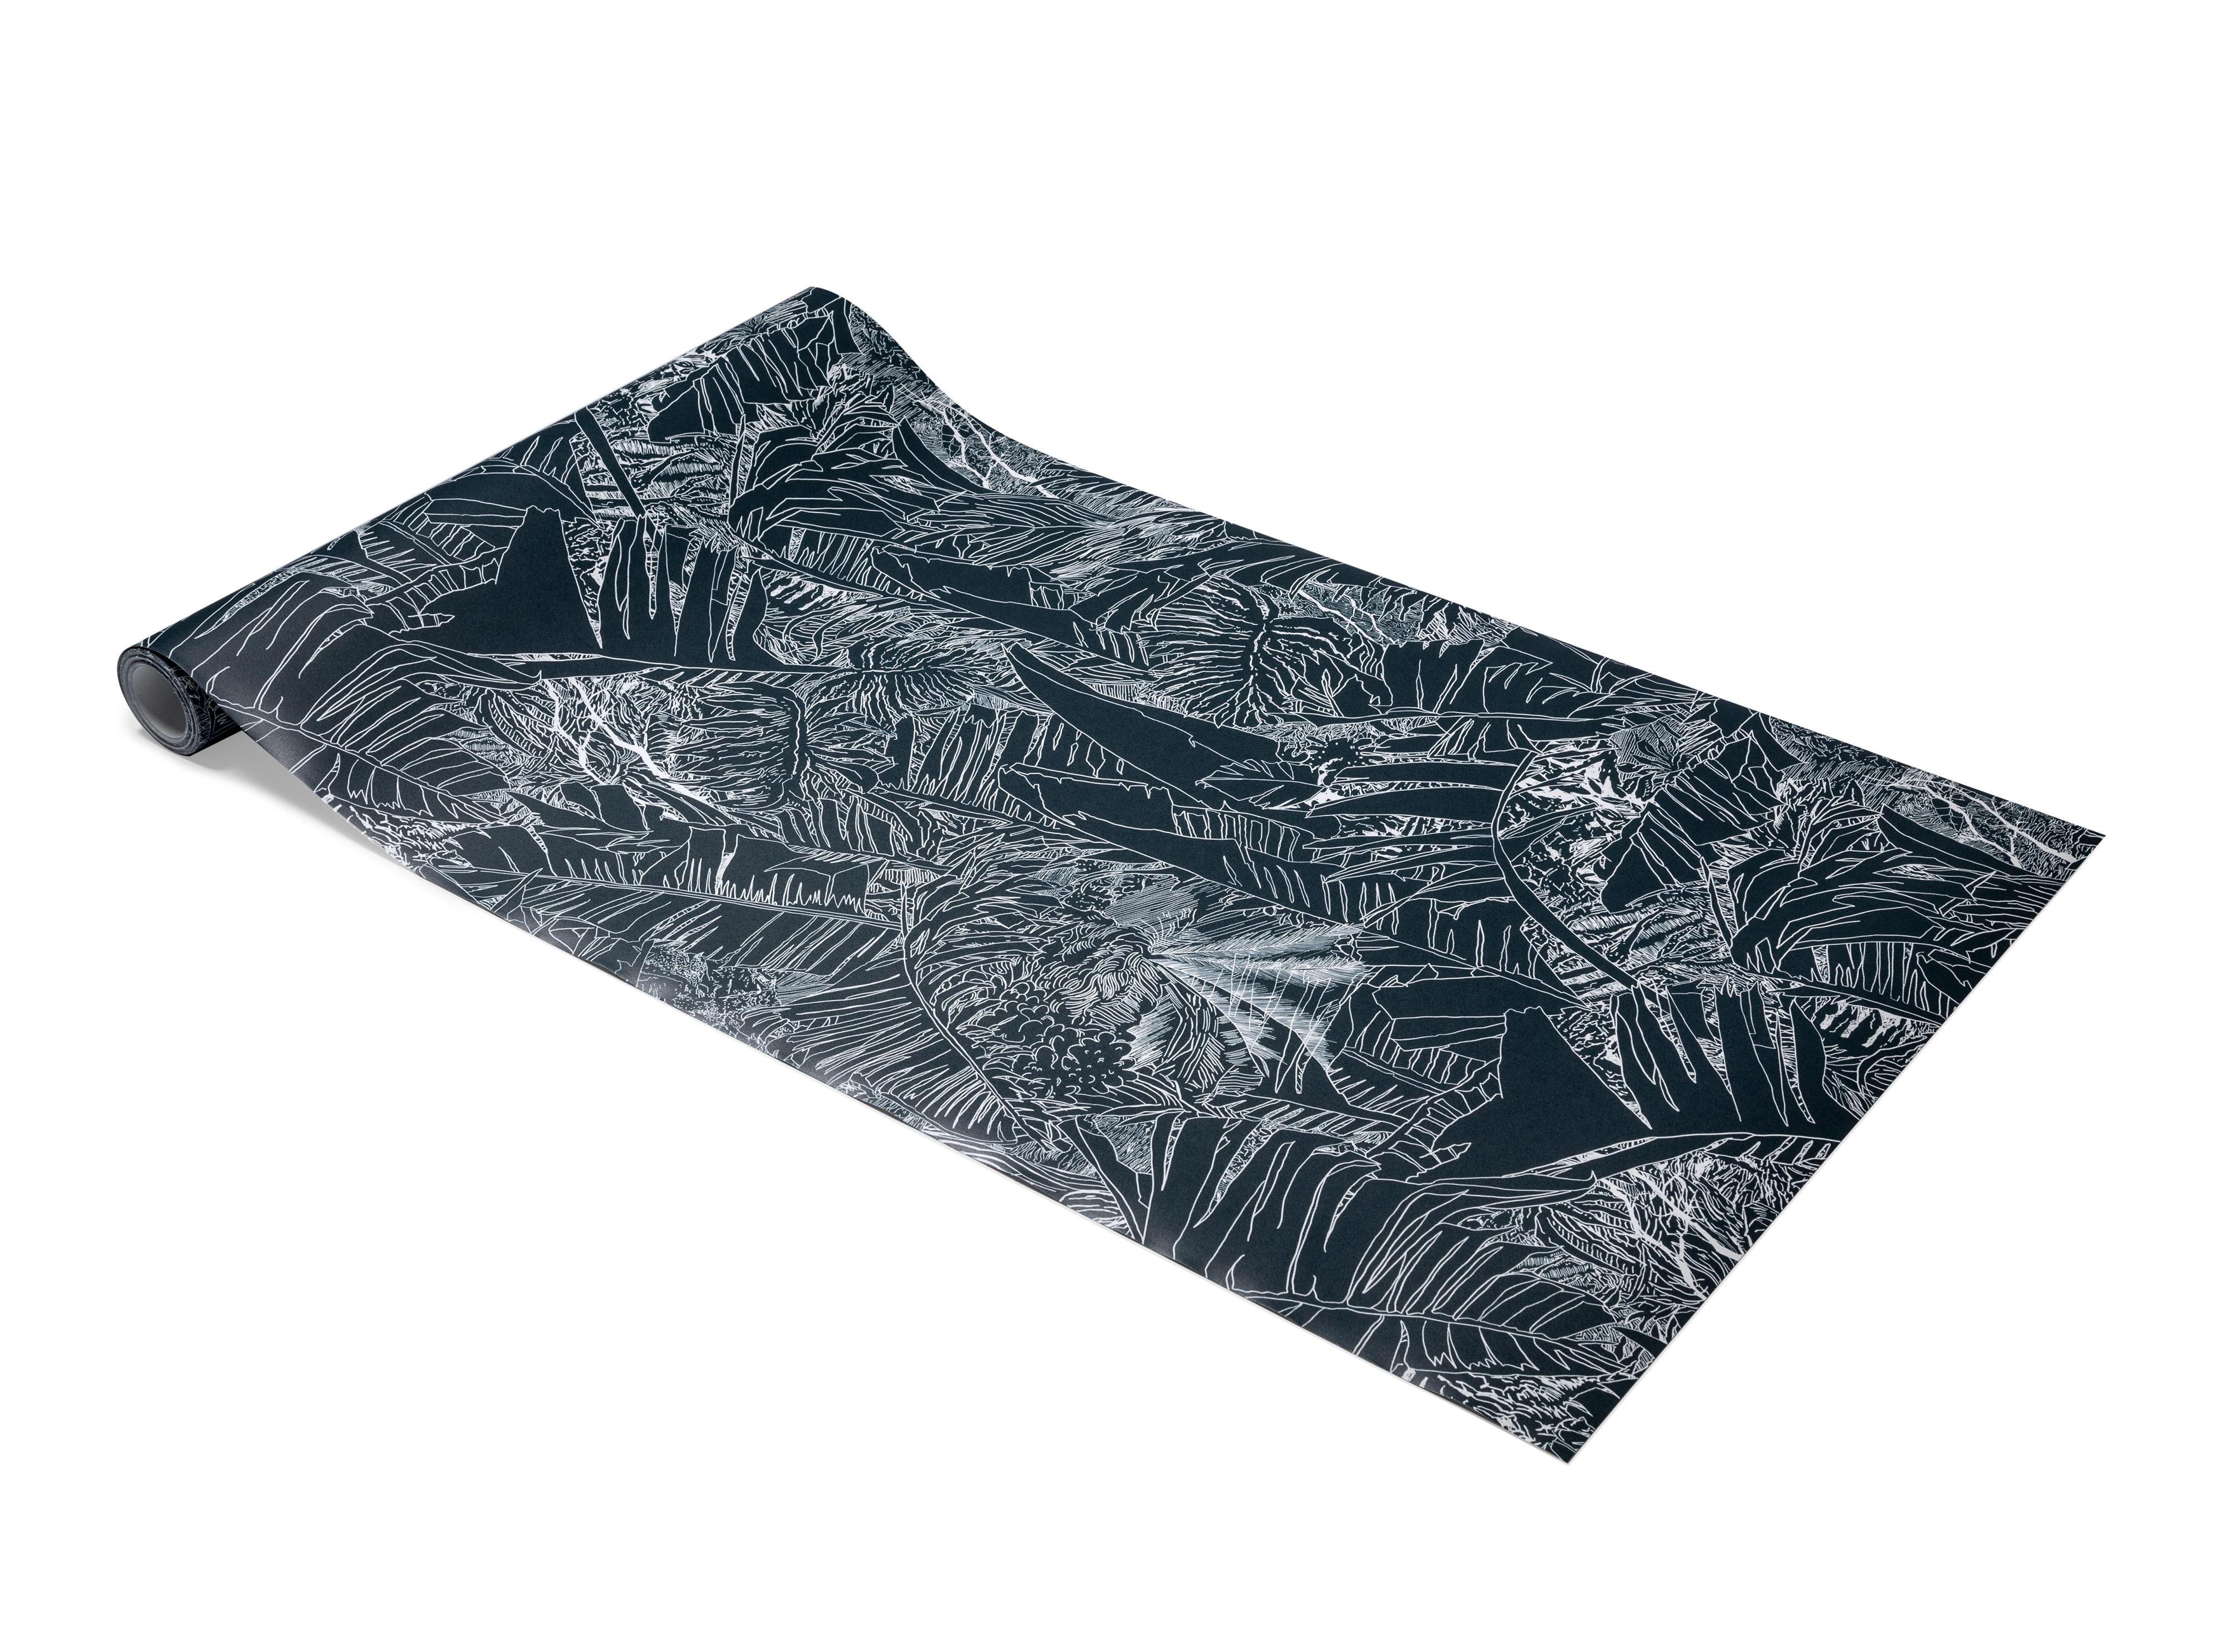 Déco - Stickers, papiers peints & posters - Papier peint Jungle / 1 rouleau - larg 70 cm - Petite Friture - Blanc / Fond noir - Papier intissé